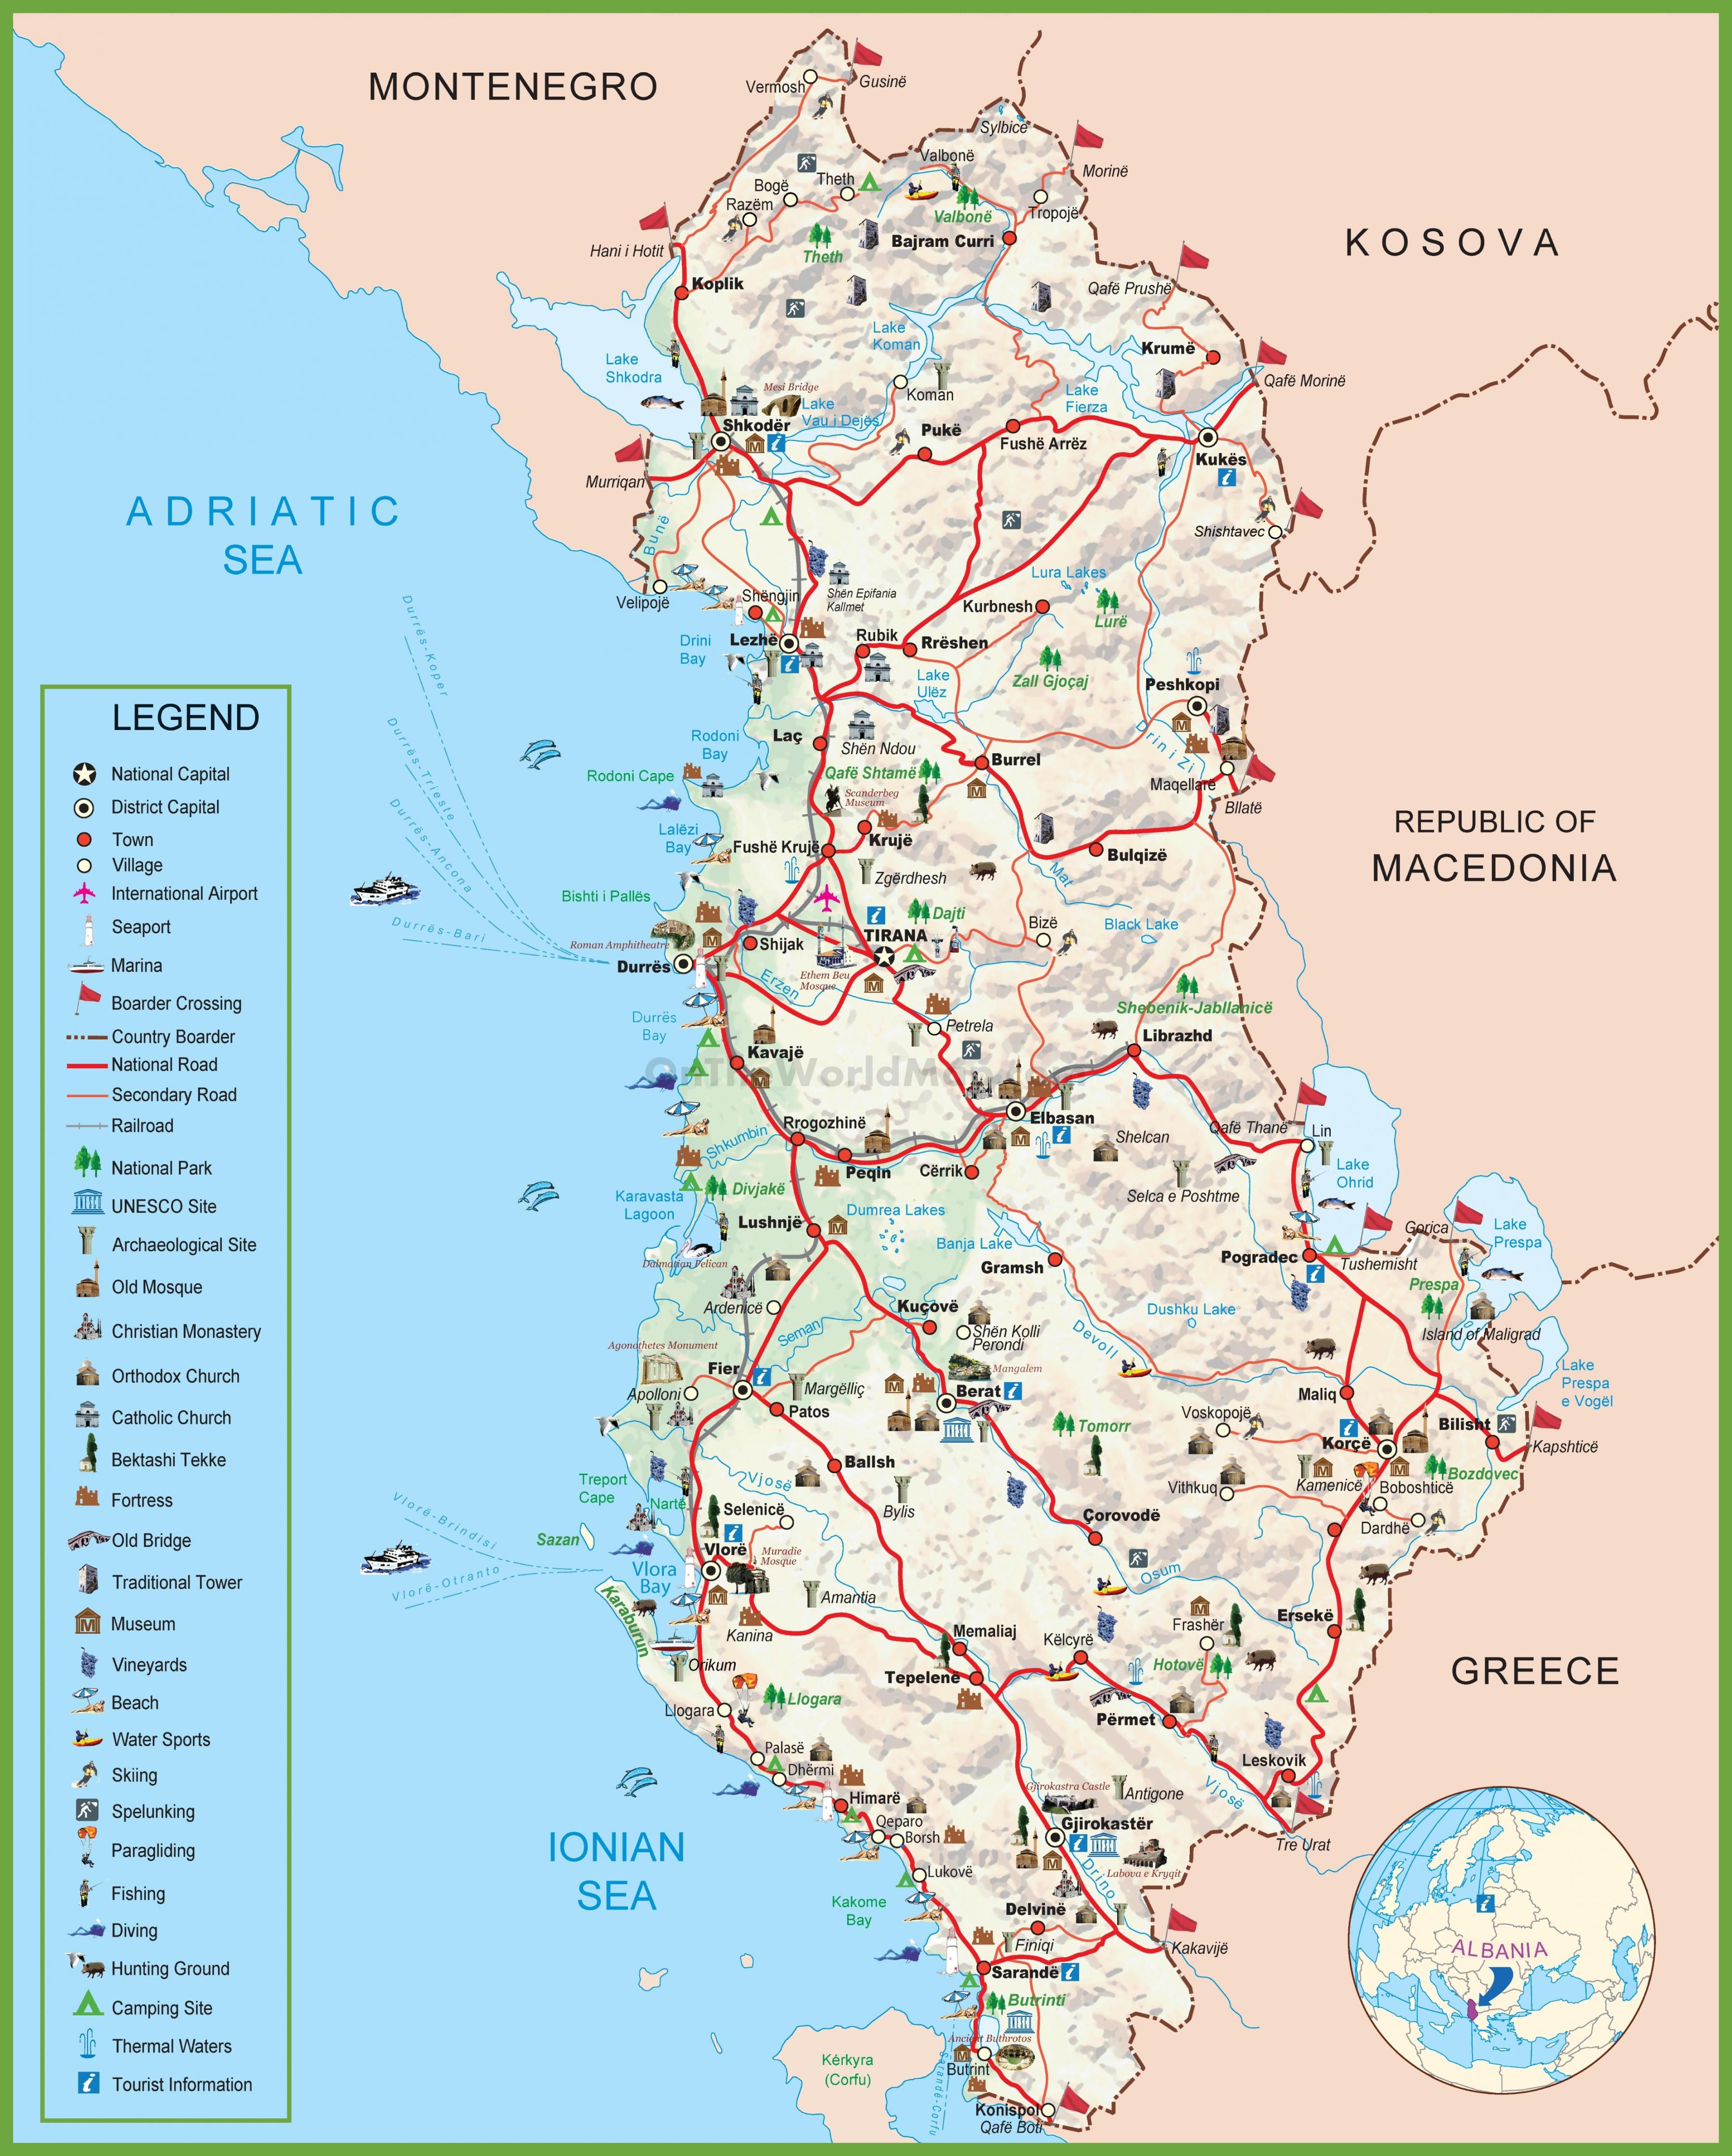 karta albanije Karta Albanije kartica шкиперия Albanija (Južna Europa   Europa) karta albanije